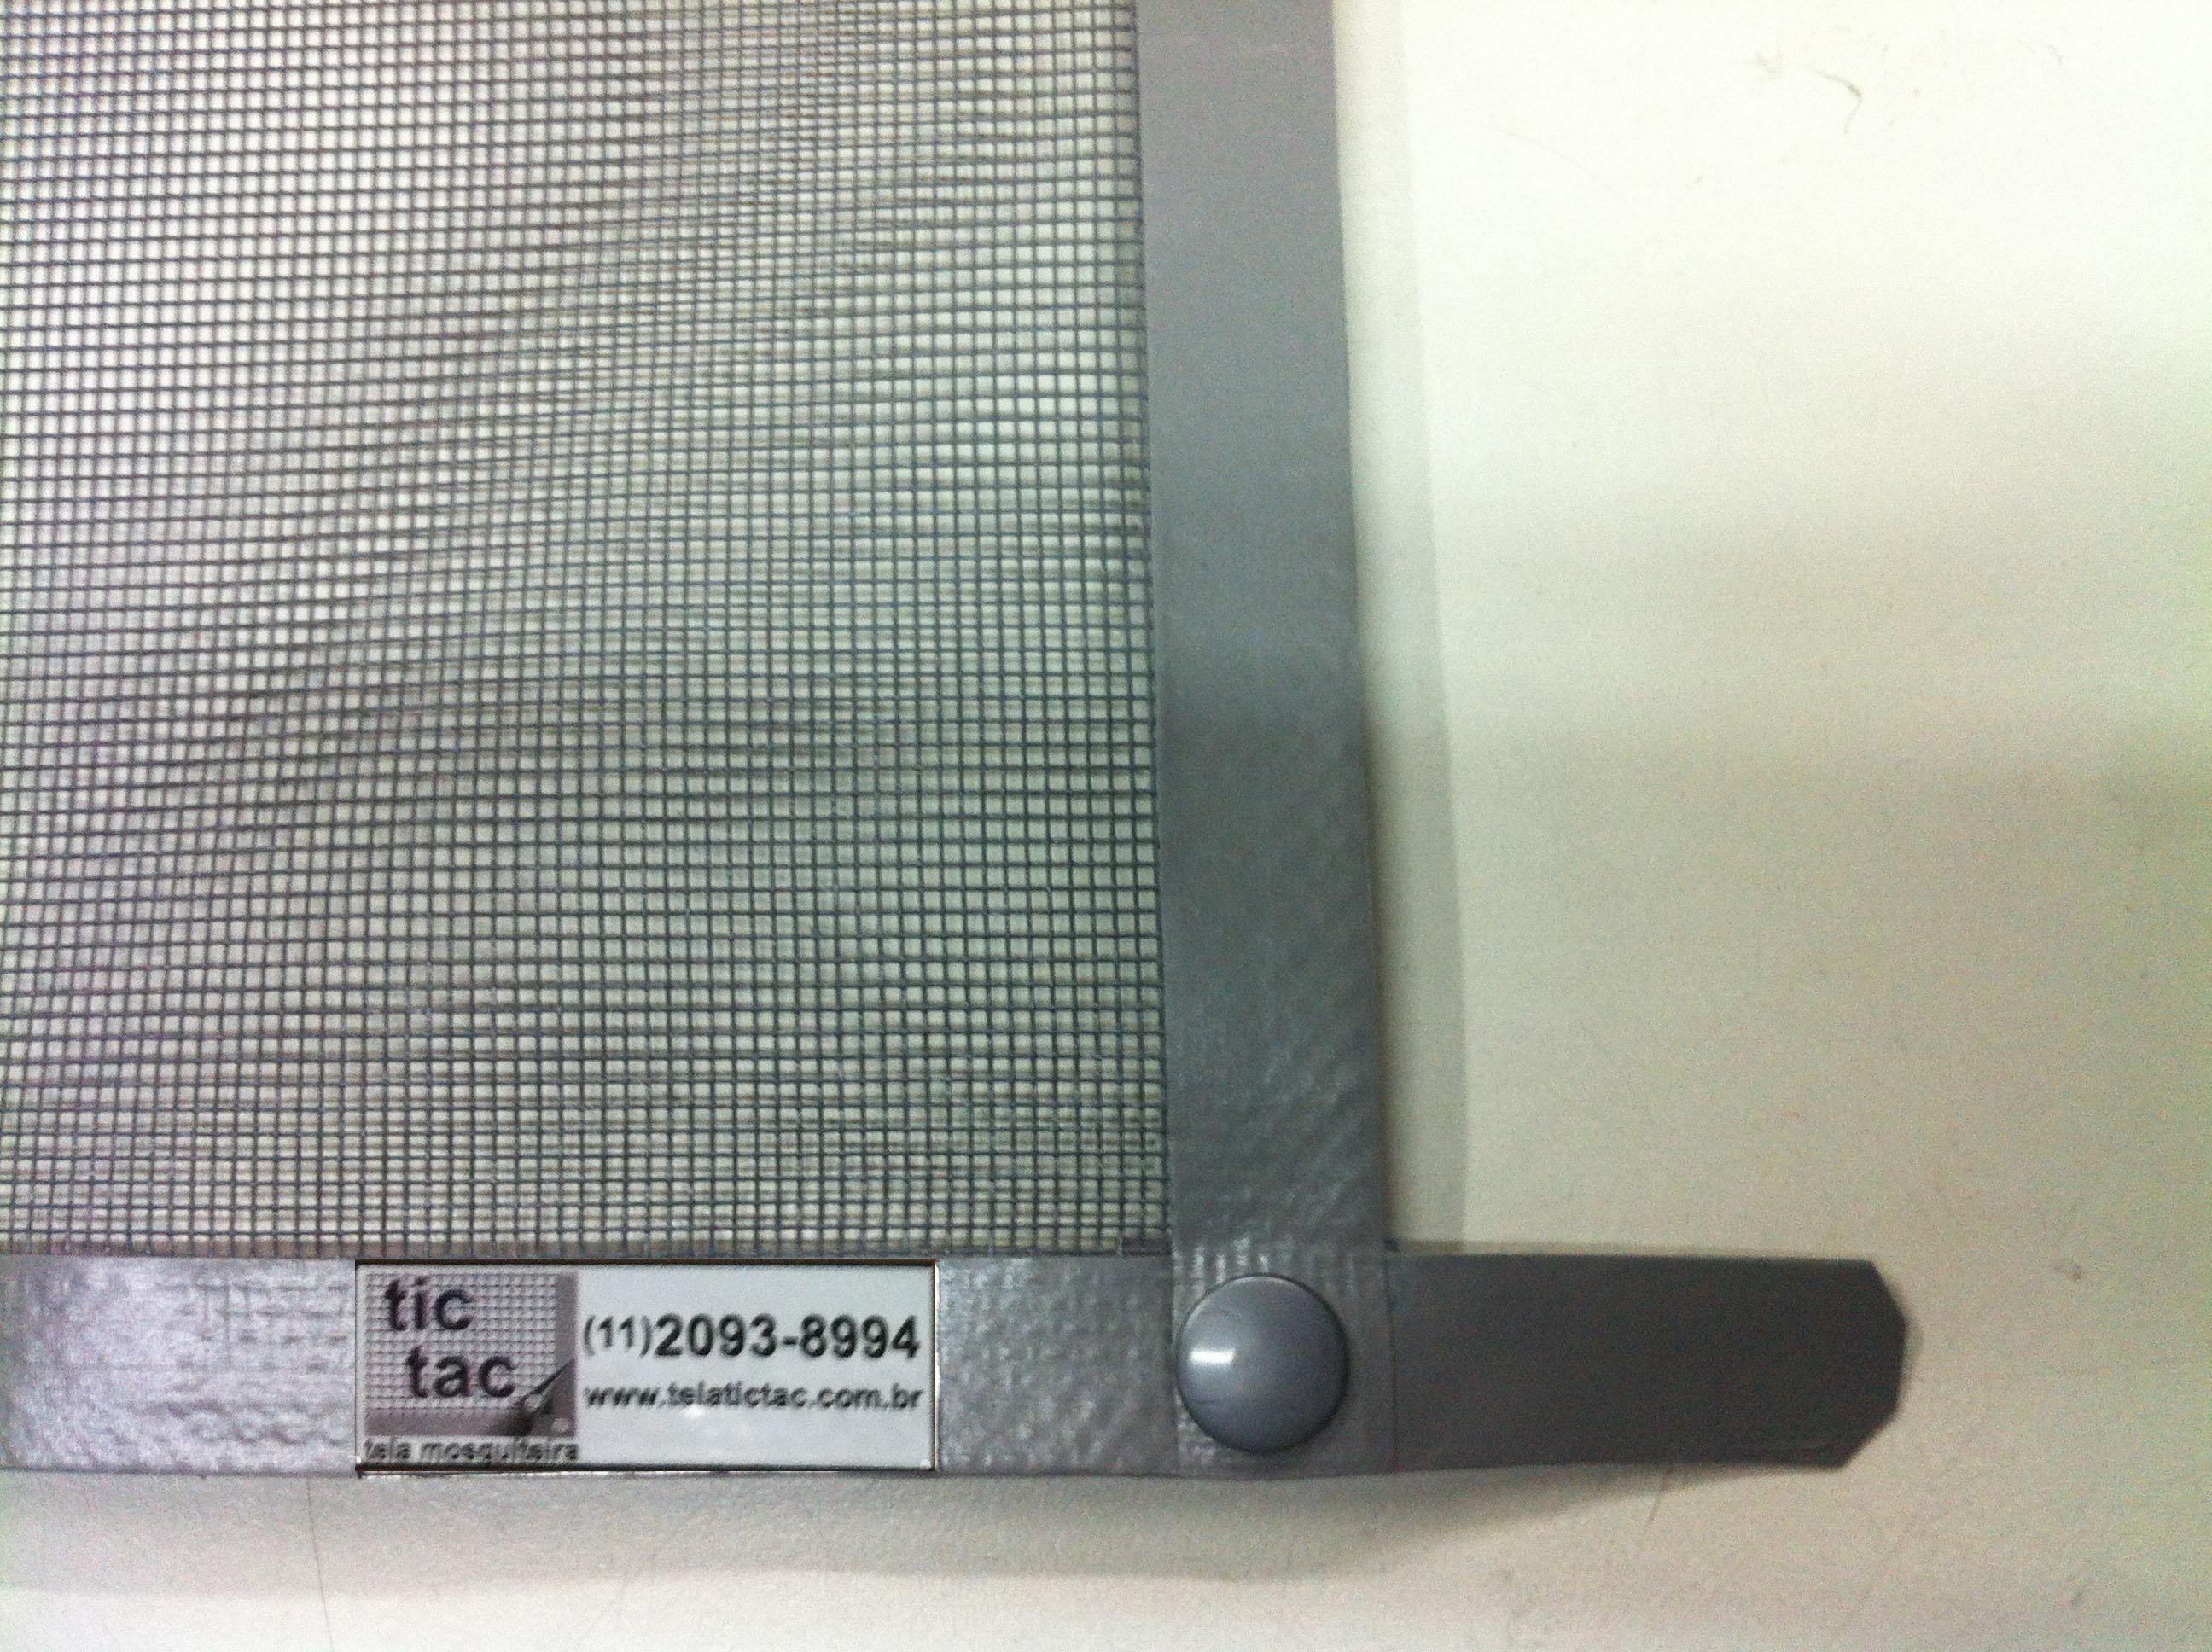 #736D58 Tela Mosquiteira Pictures to pin on Pinterest 1046 Portas E Janelas De Aluminio Direto Da Fabrica Bh